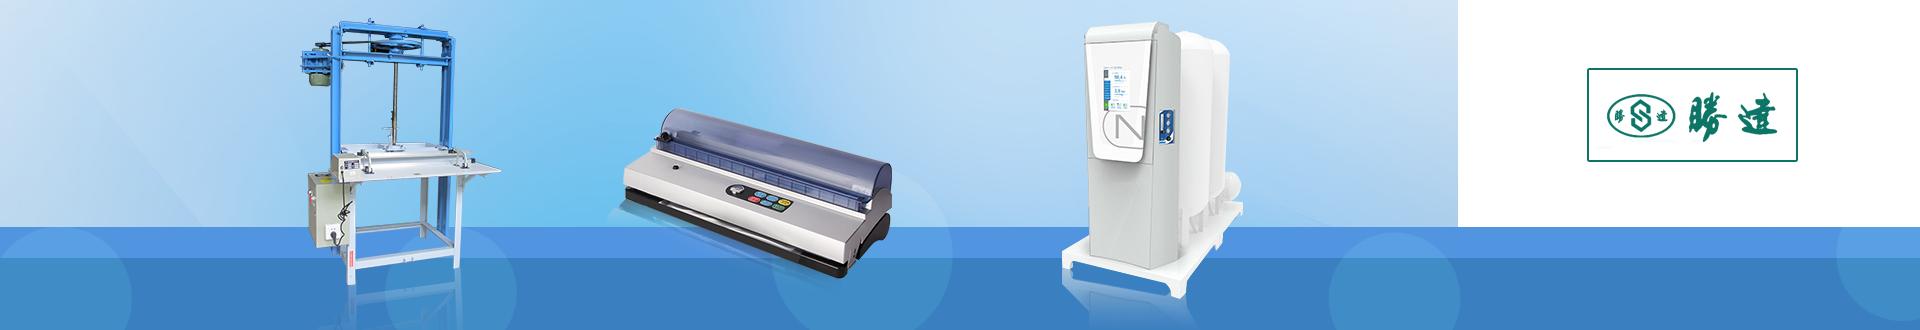 印刷机械专用配件